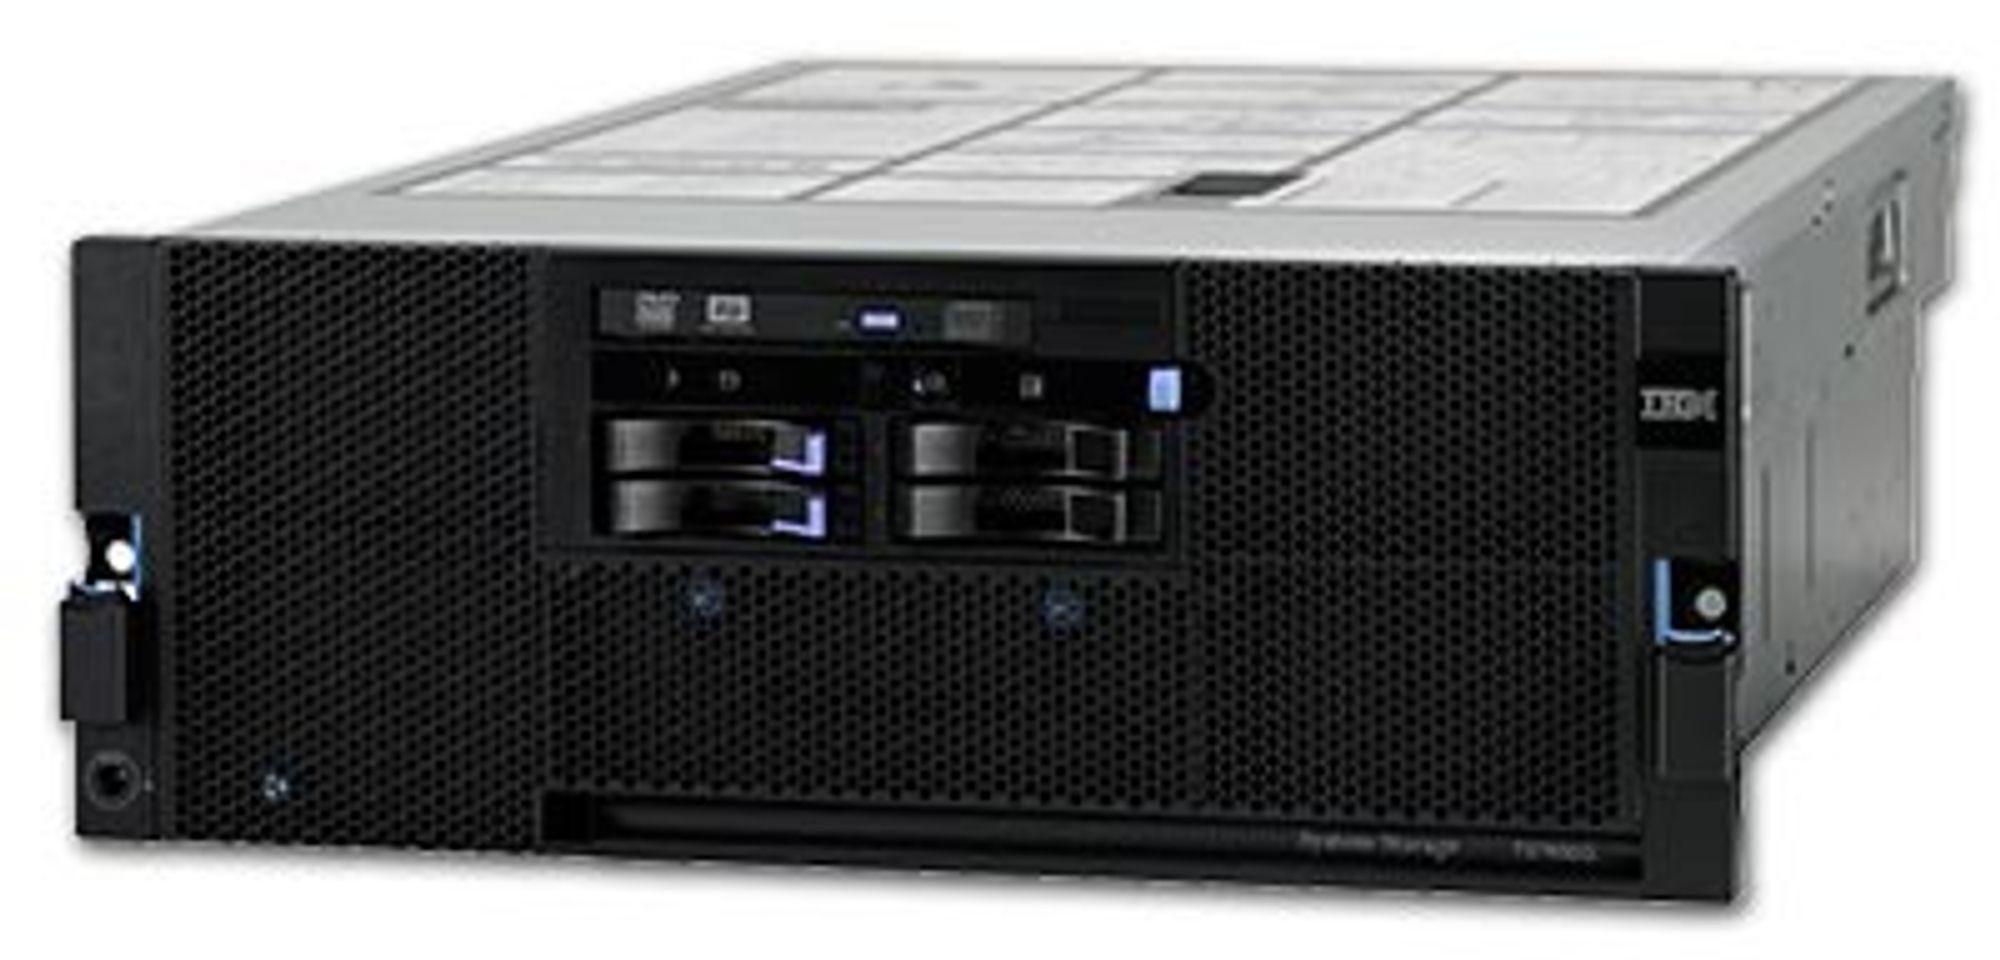 TS7650G ProtecTIER De-duplication Gateway dedupliserer under selve lagringen. Den kan betjene et fysisk lager på opptil 1 petabyte.